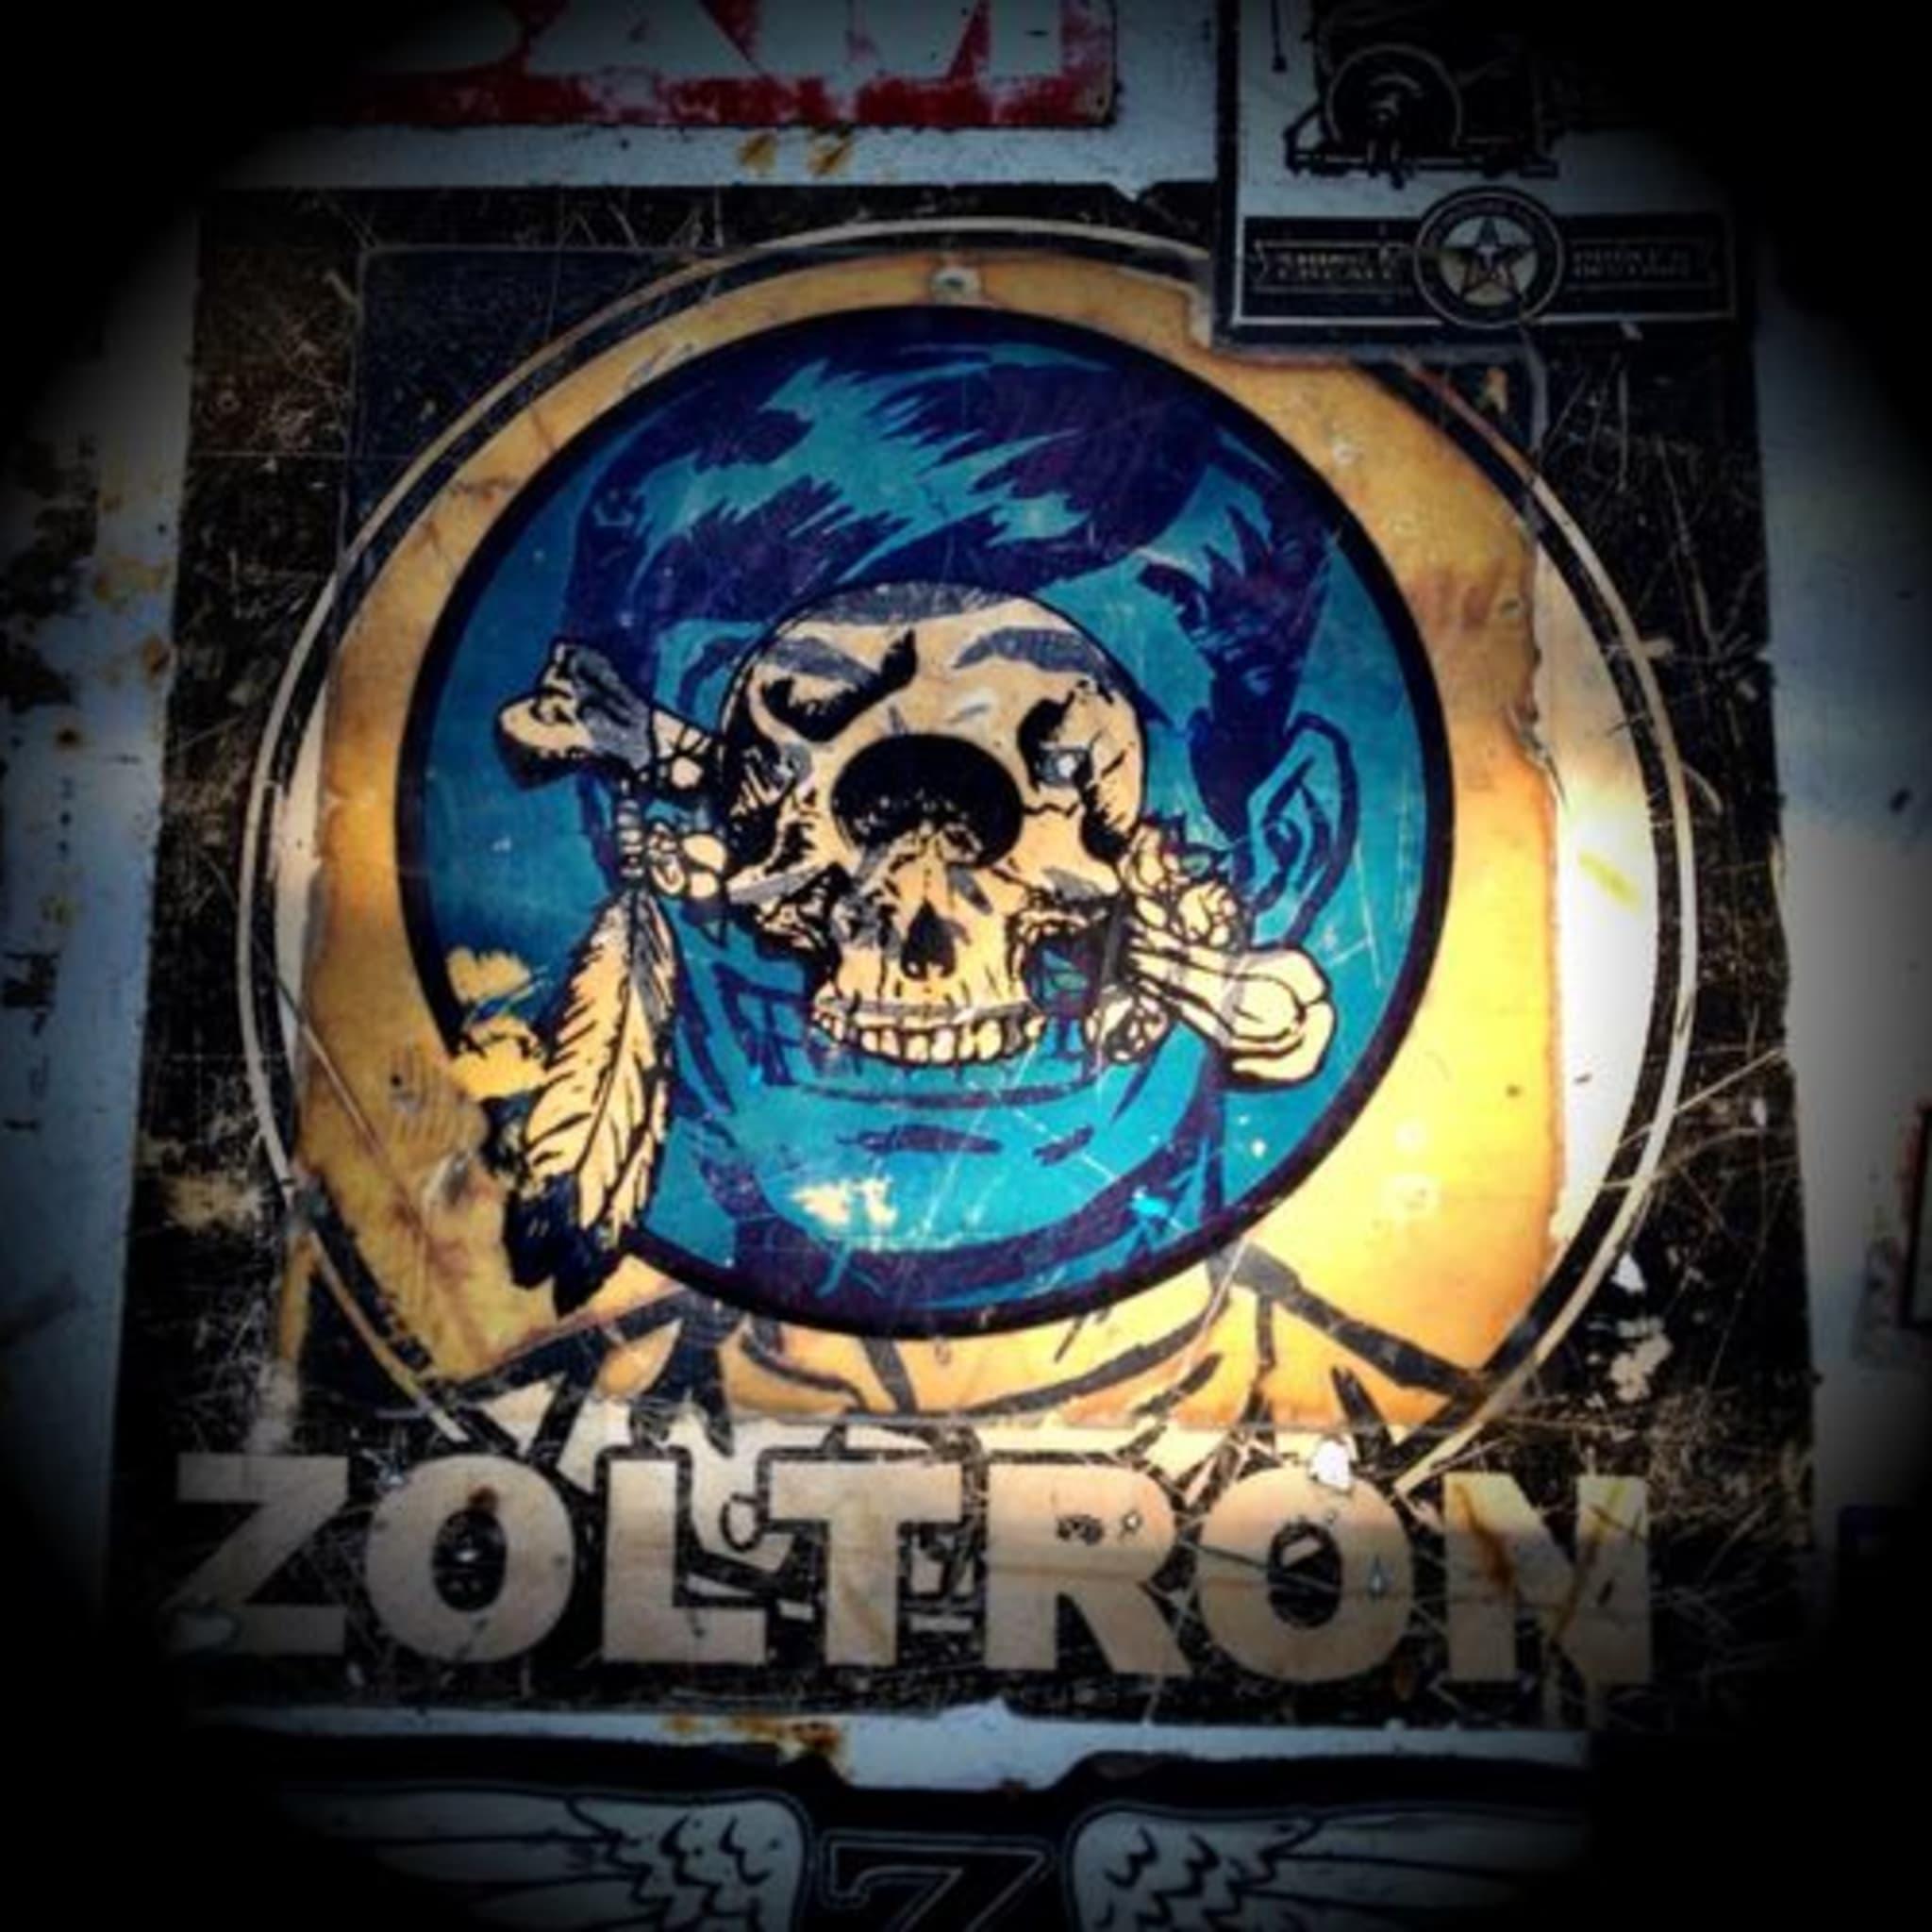 Zoltron